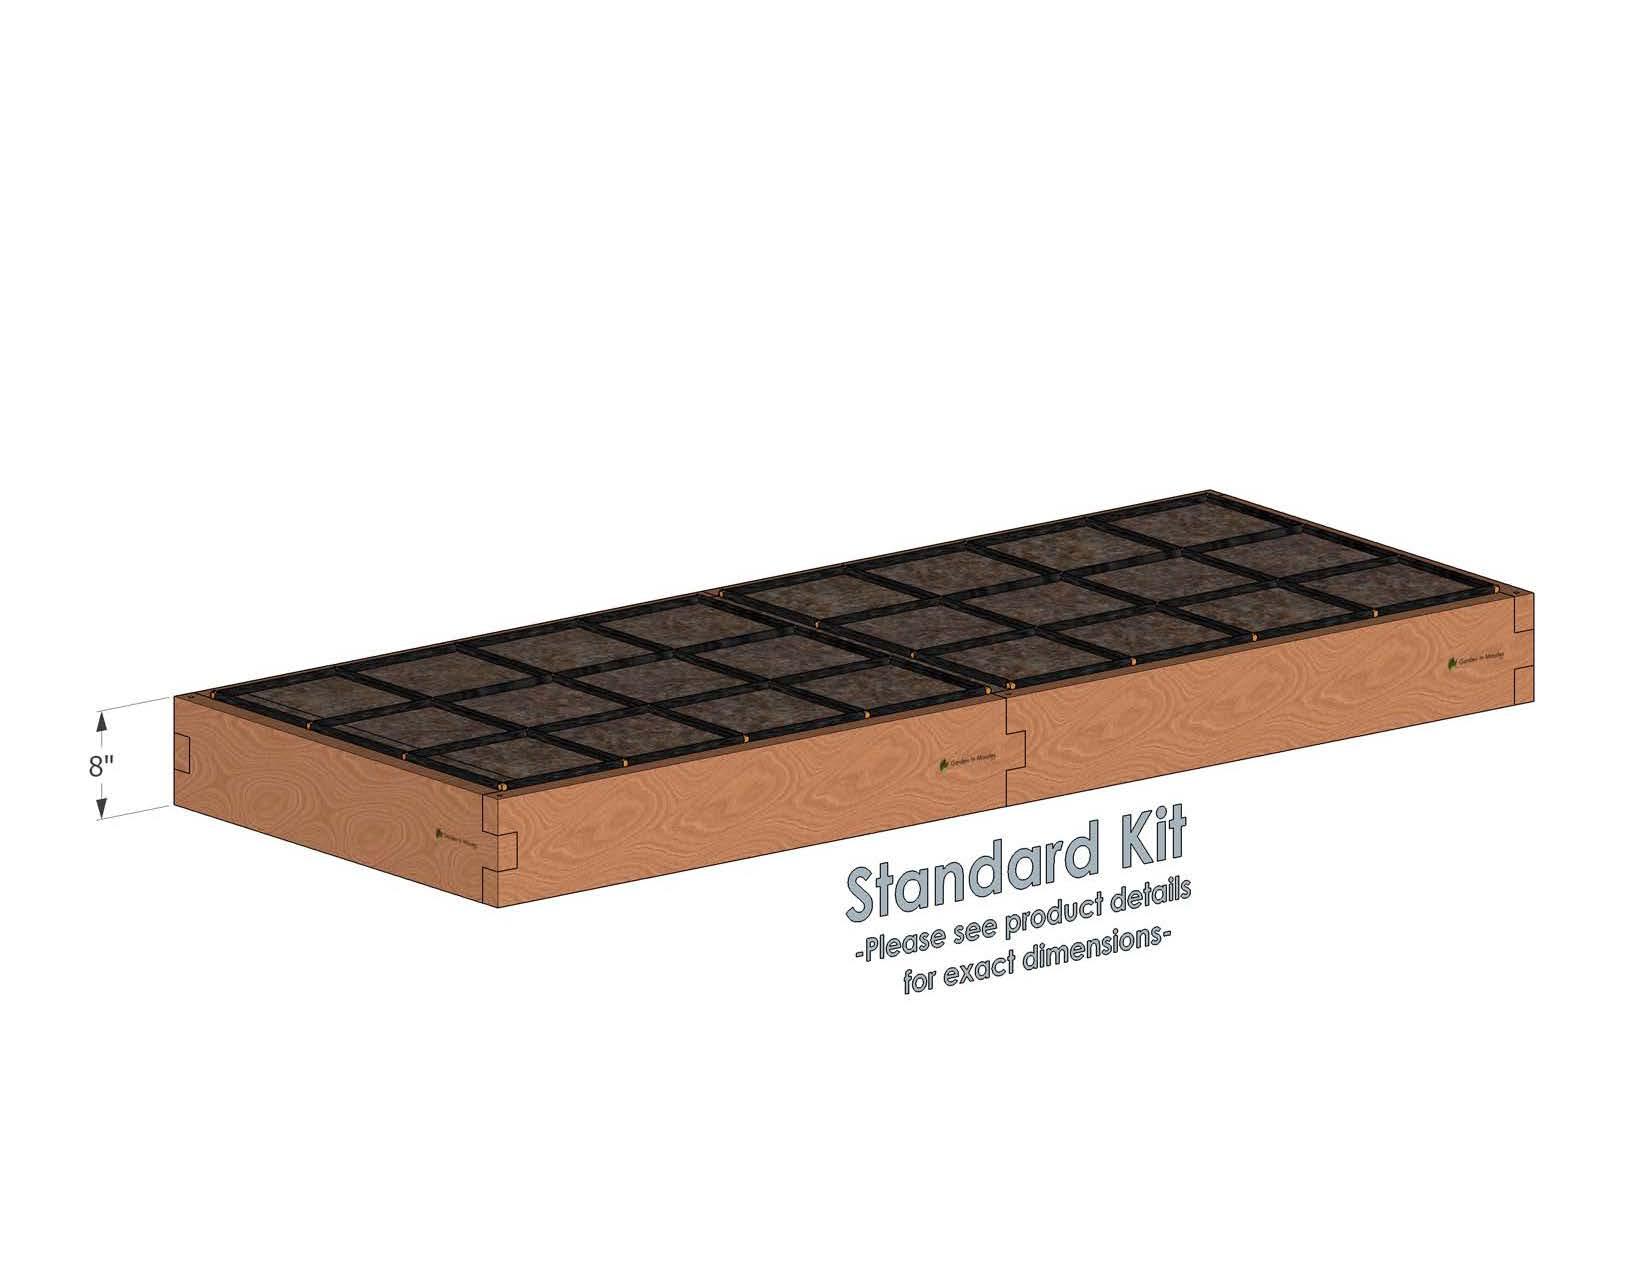 3x8 Raised Garden Kit Standard Height